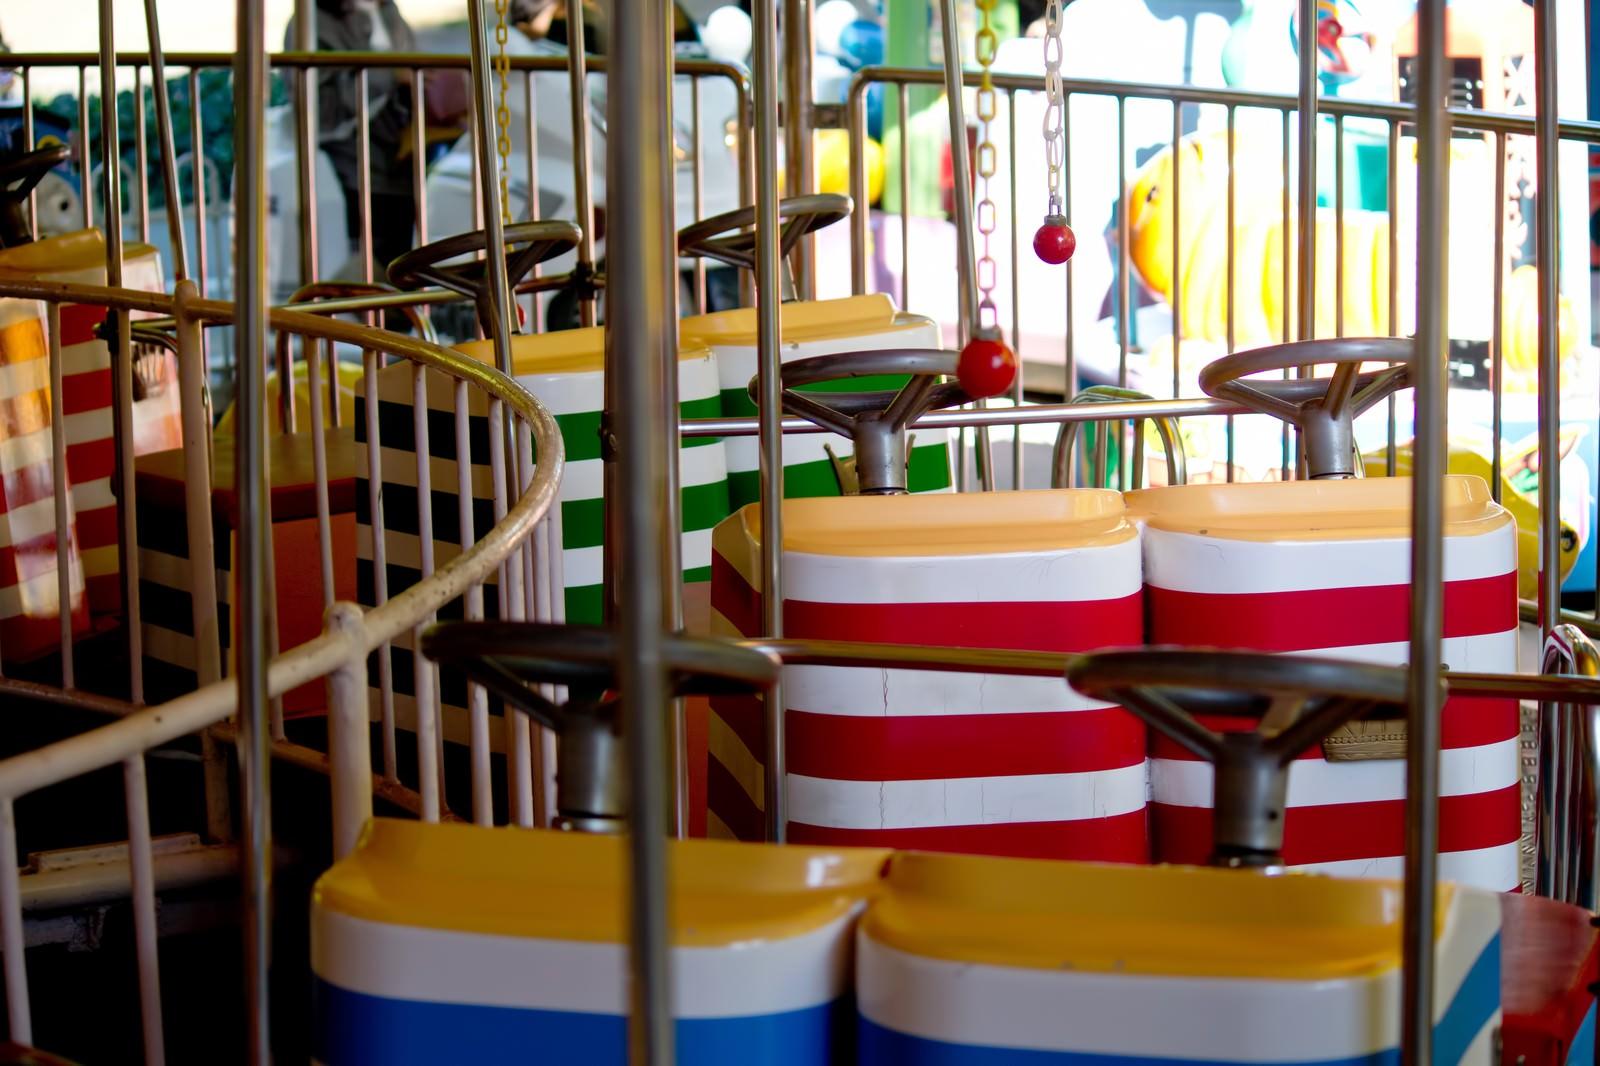 「子供用の遊園地の乗り物」